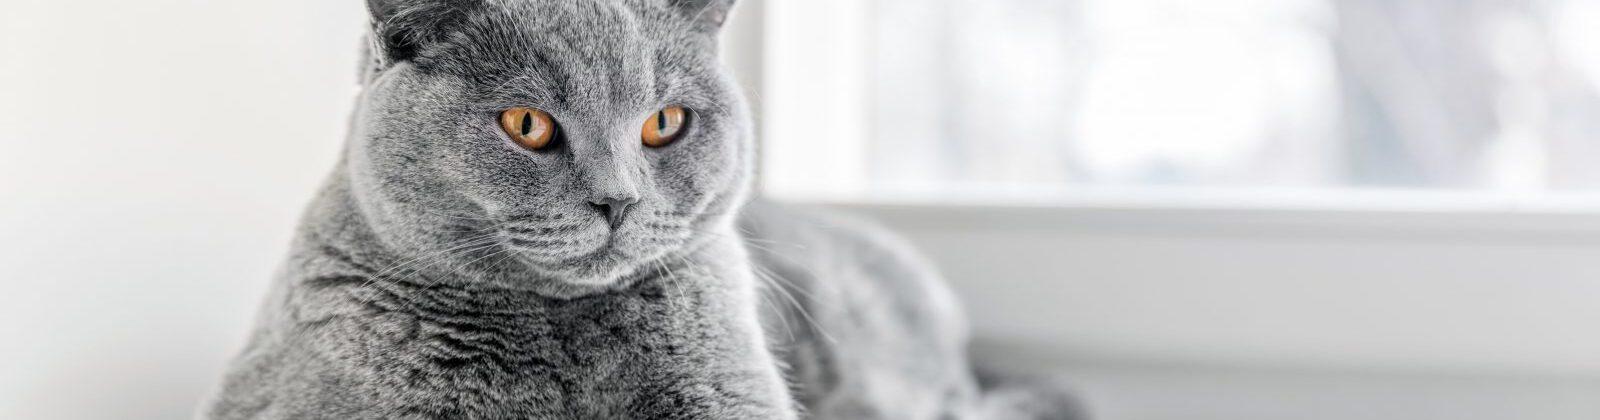 grey-cat